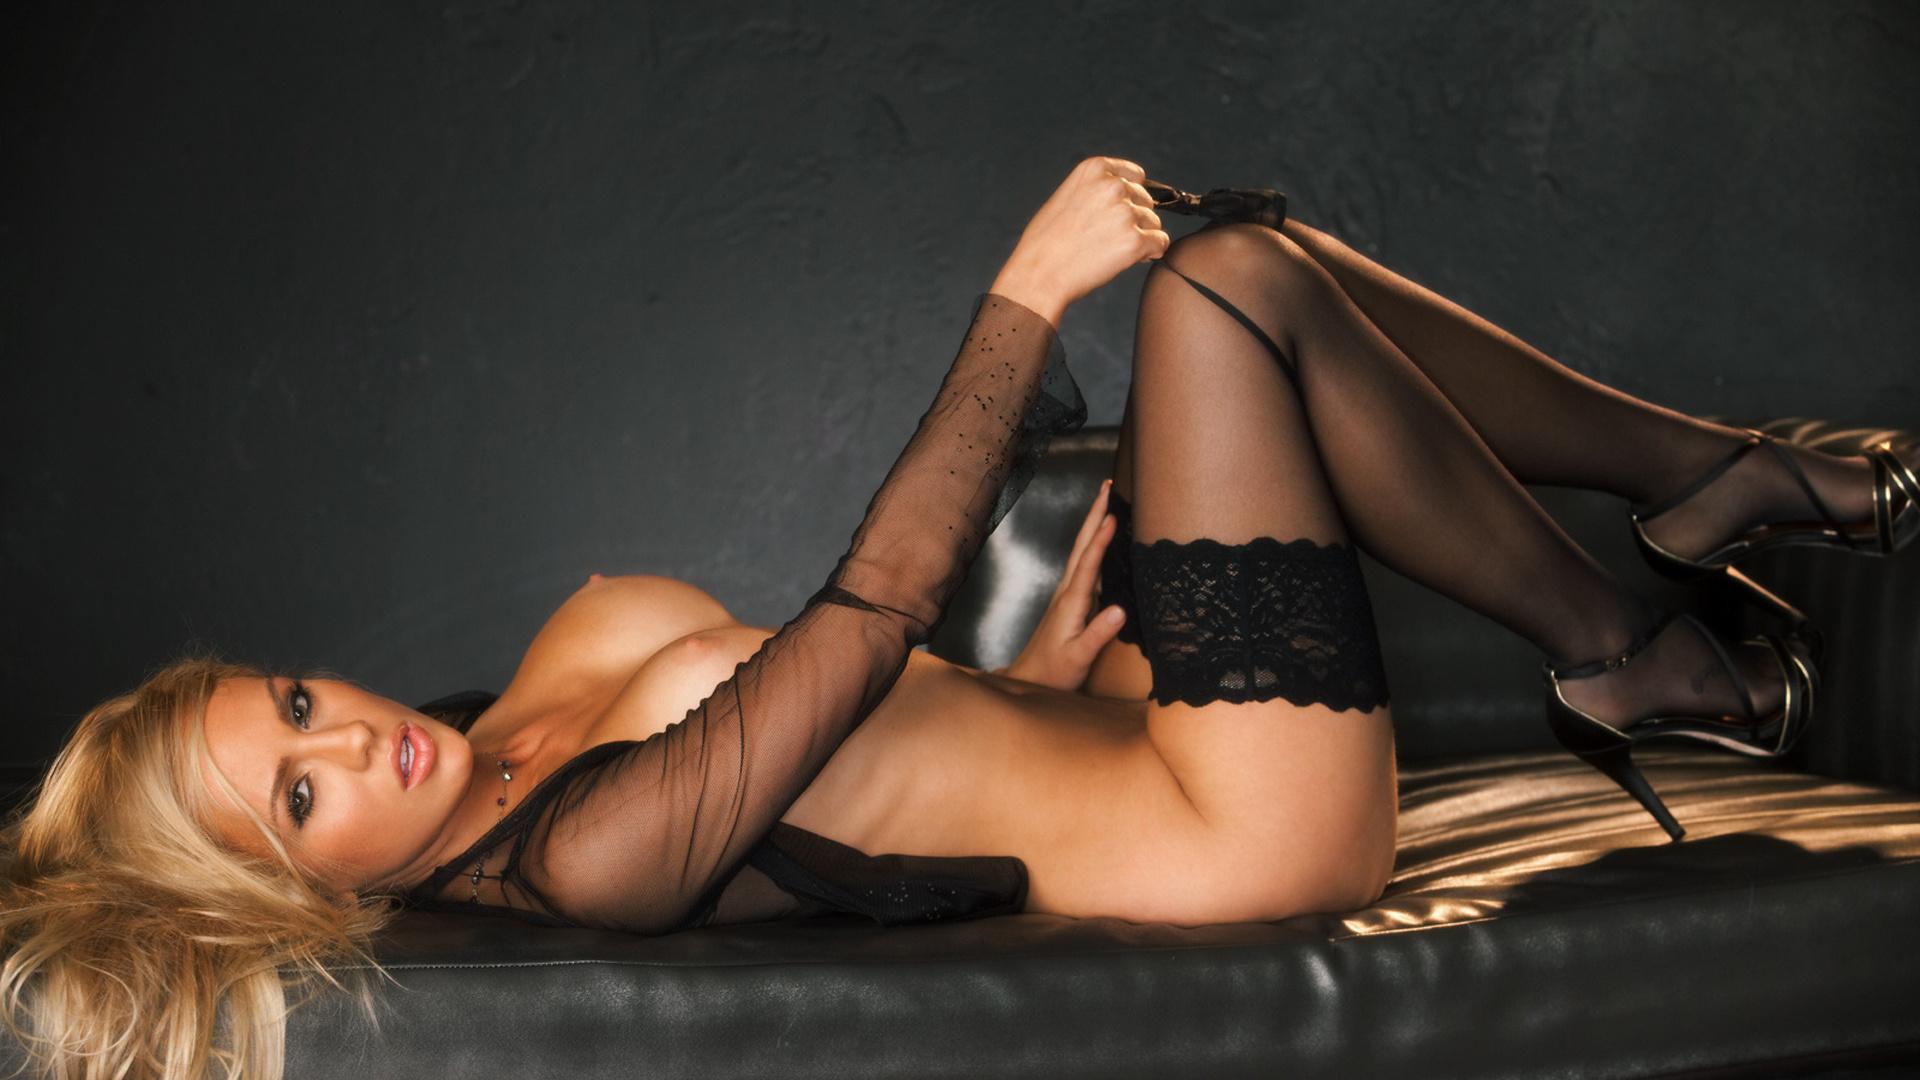 Фото эротических фотомоделей 9 фотография